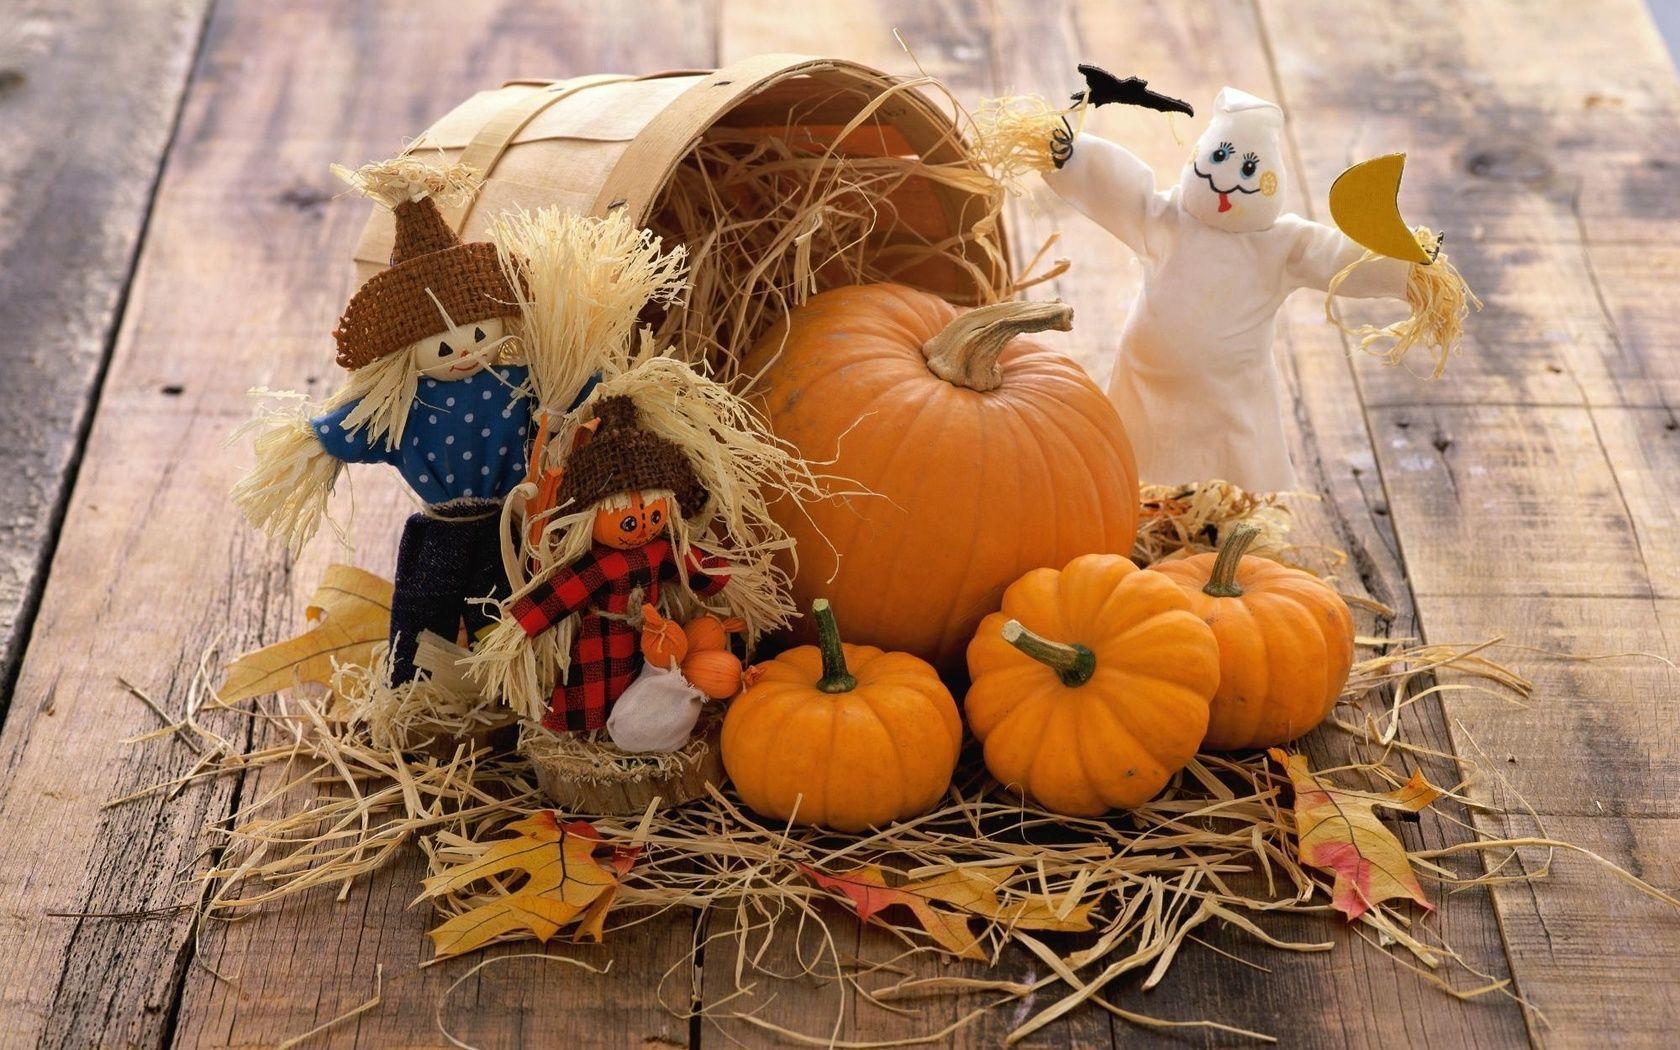 Осенние праздники в картинках и фотографиях открытках бесплатно